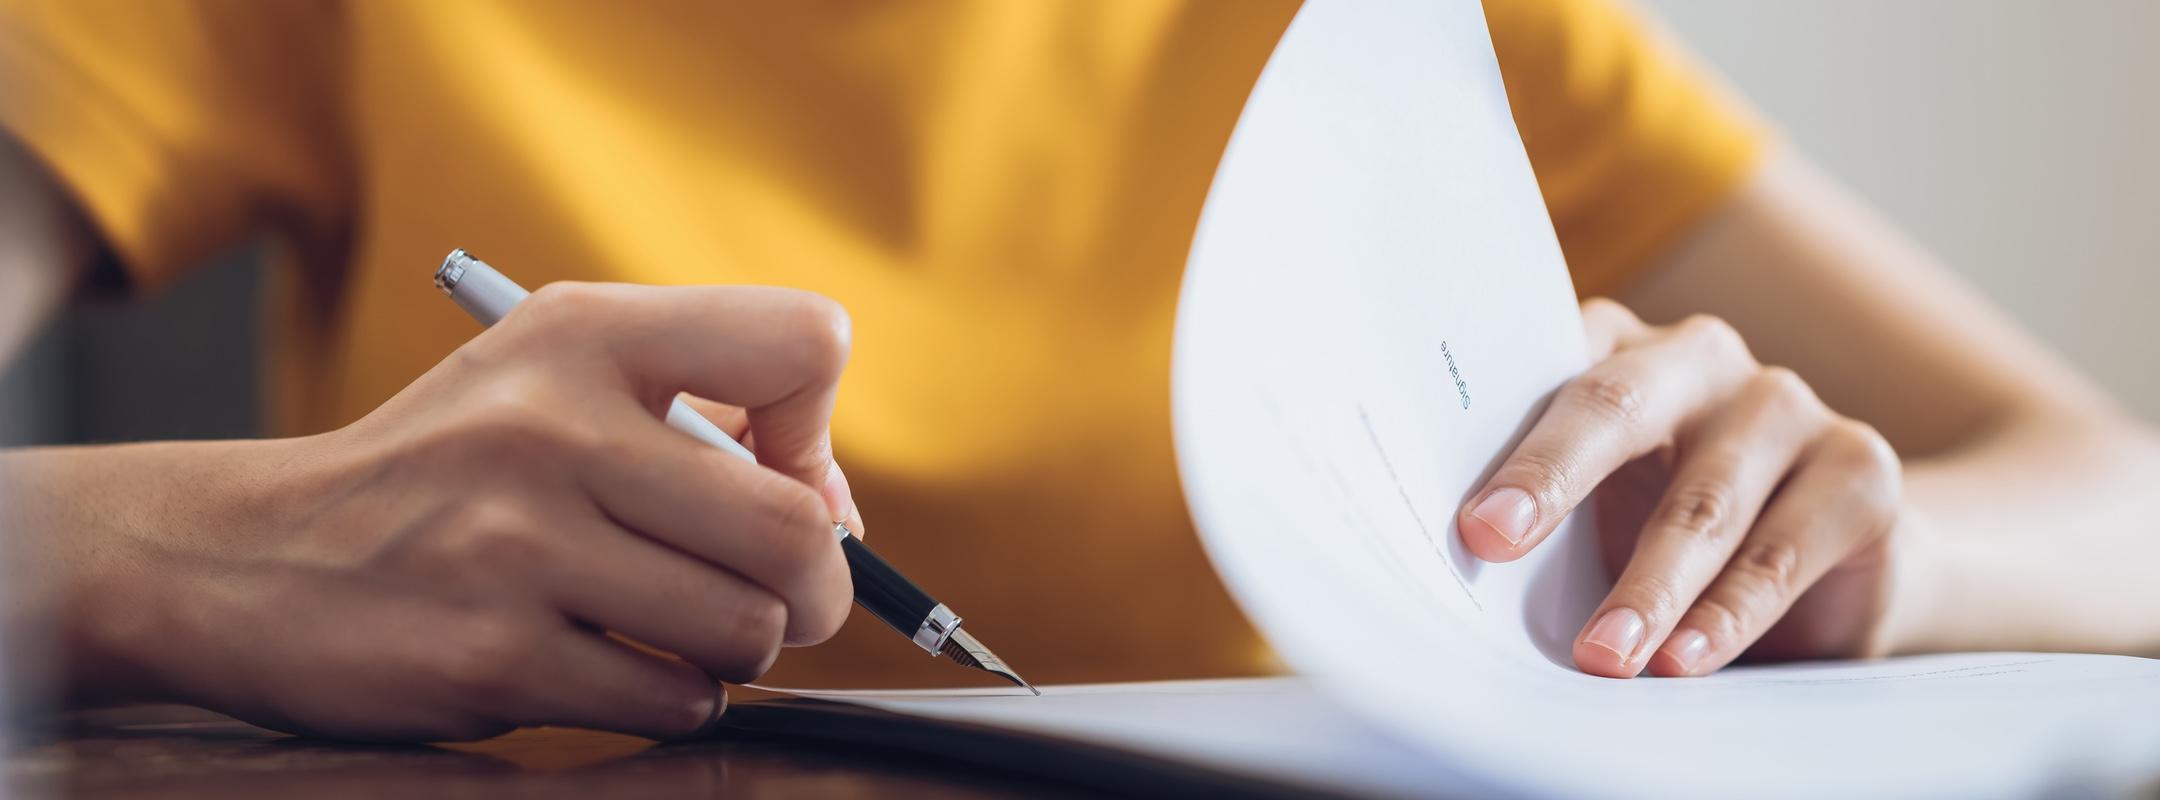 Worauf achten beim Arbeitsvertrag?